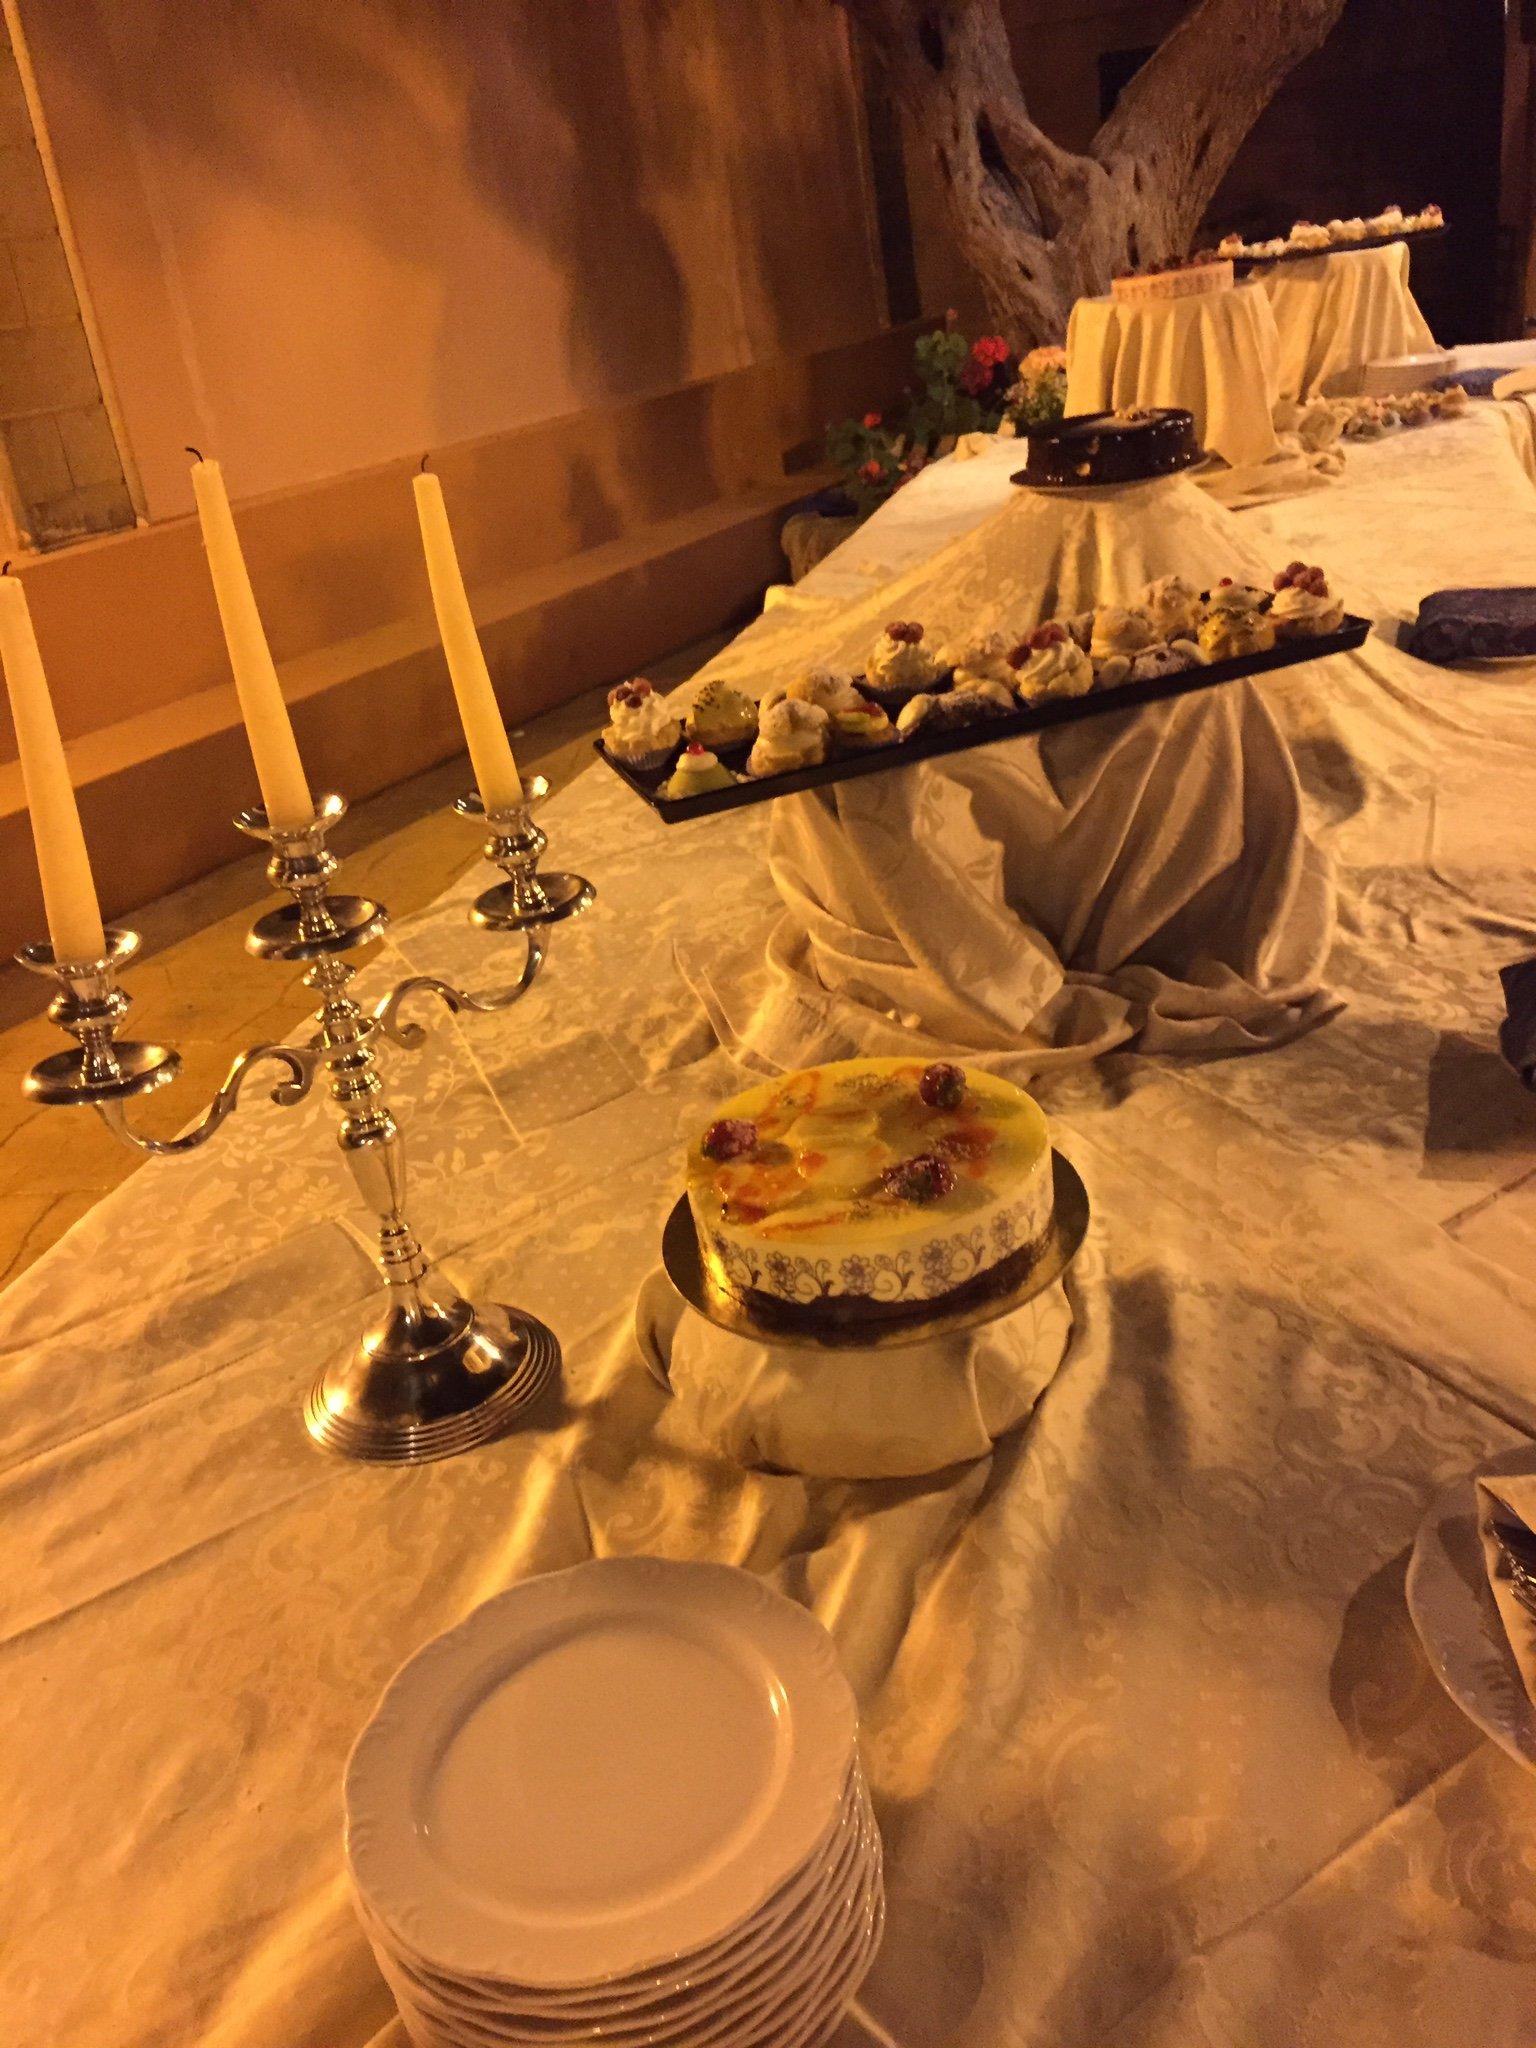 Dolci in esposizione sul tavolo